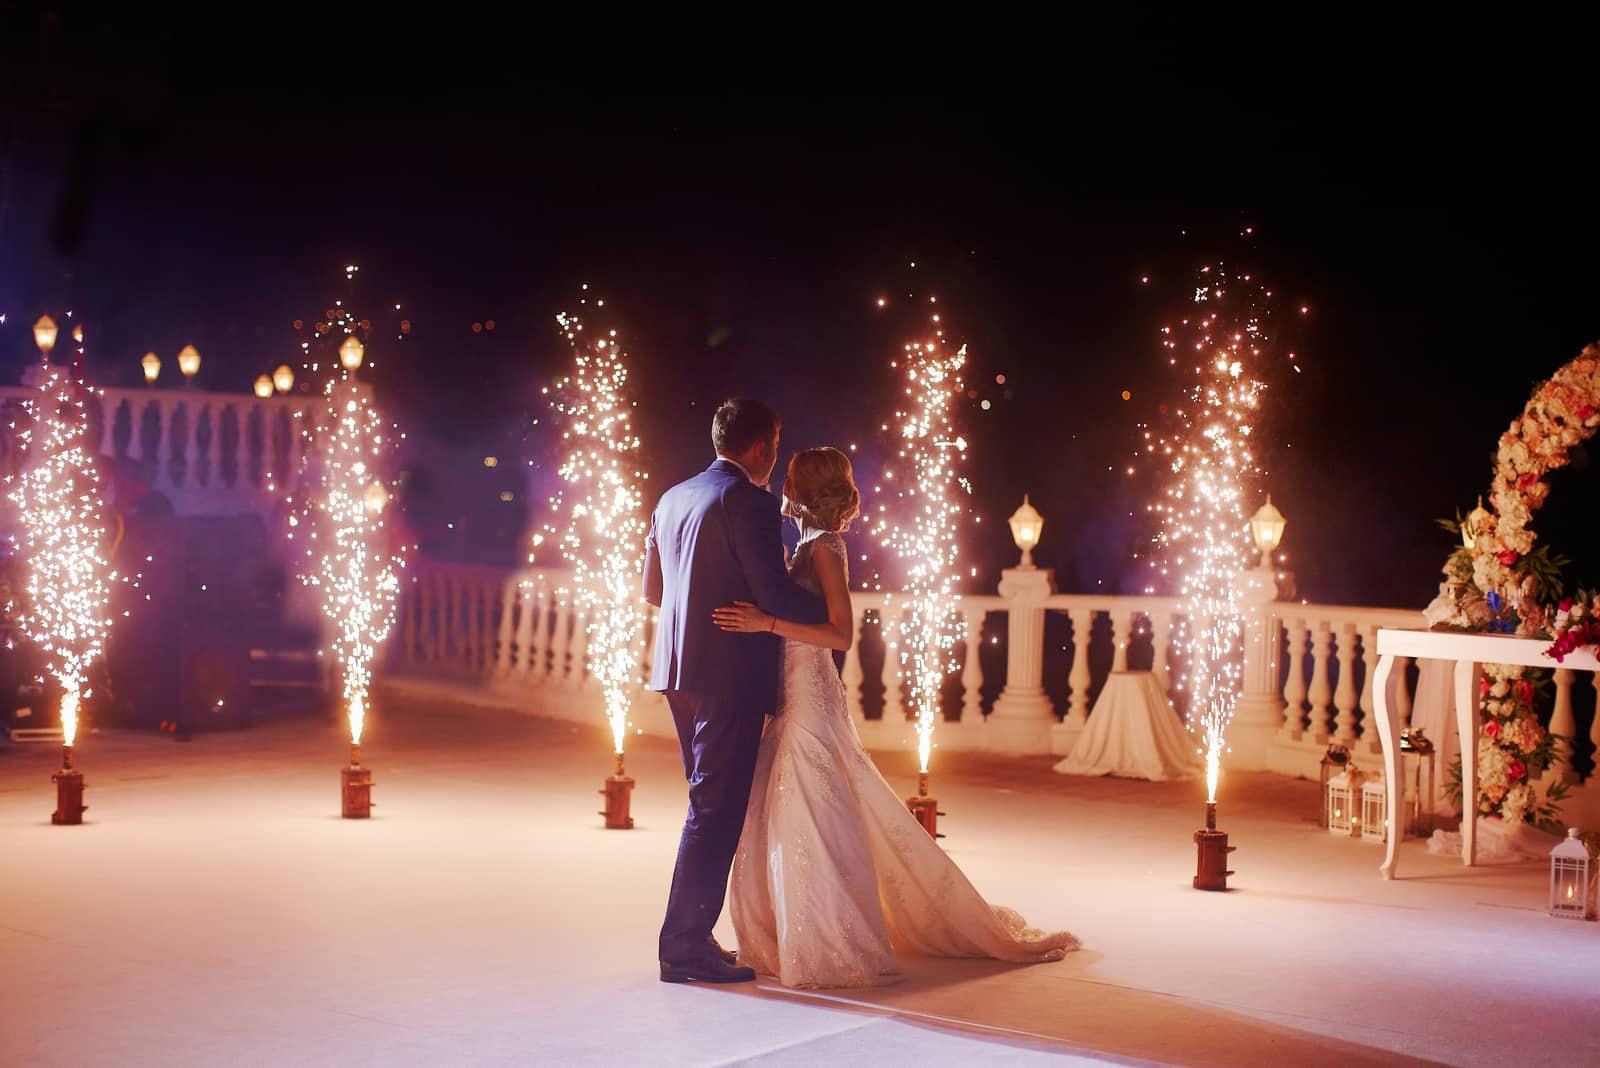 Die Jungvermählten tanzen den ersten Tanz auf der Terrasse mit Sprinklern